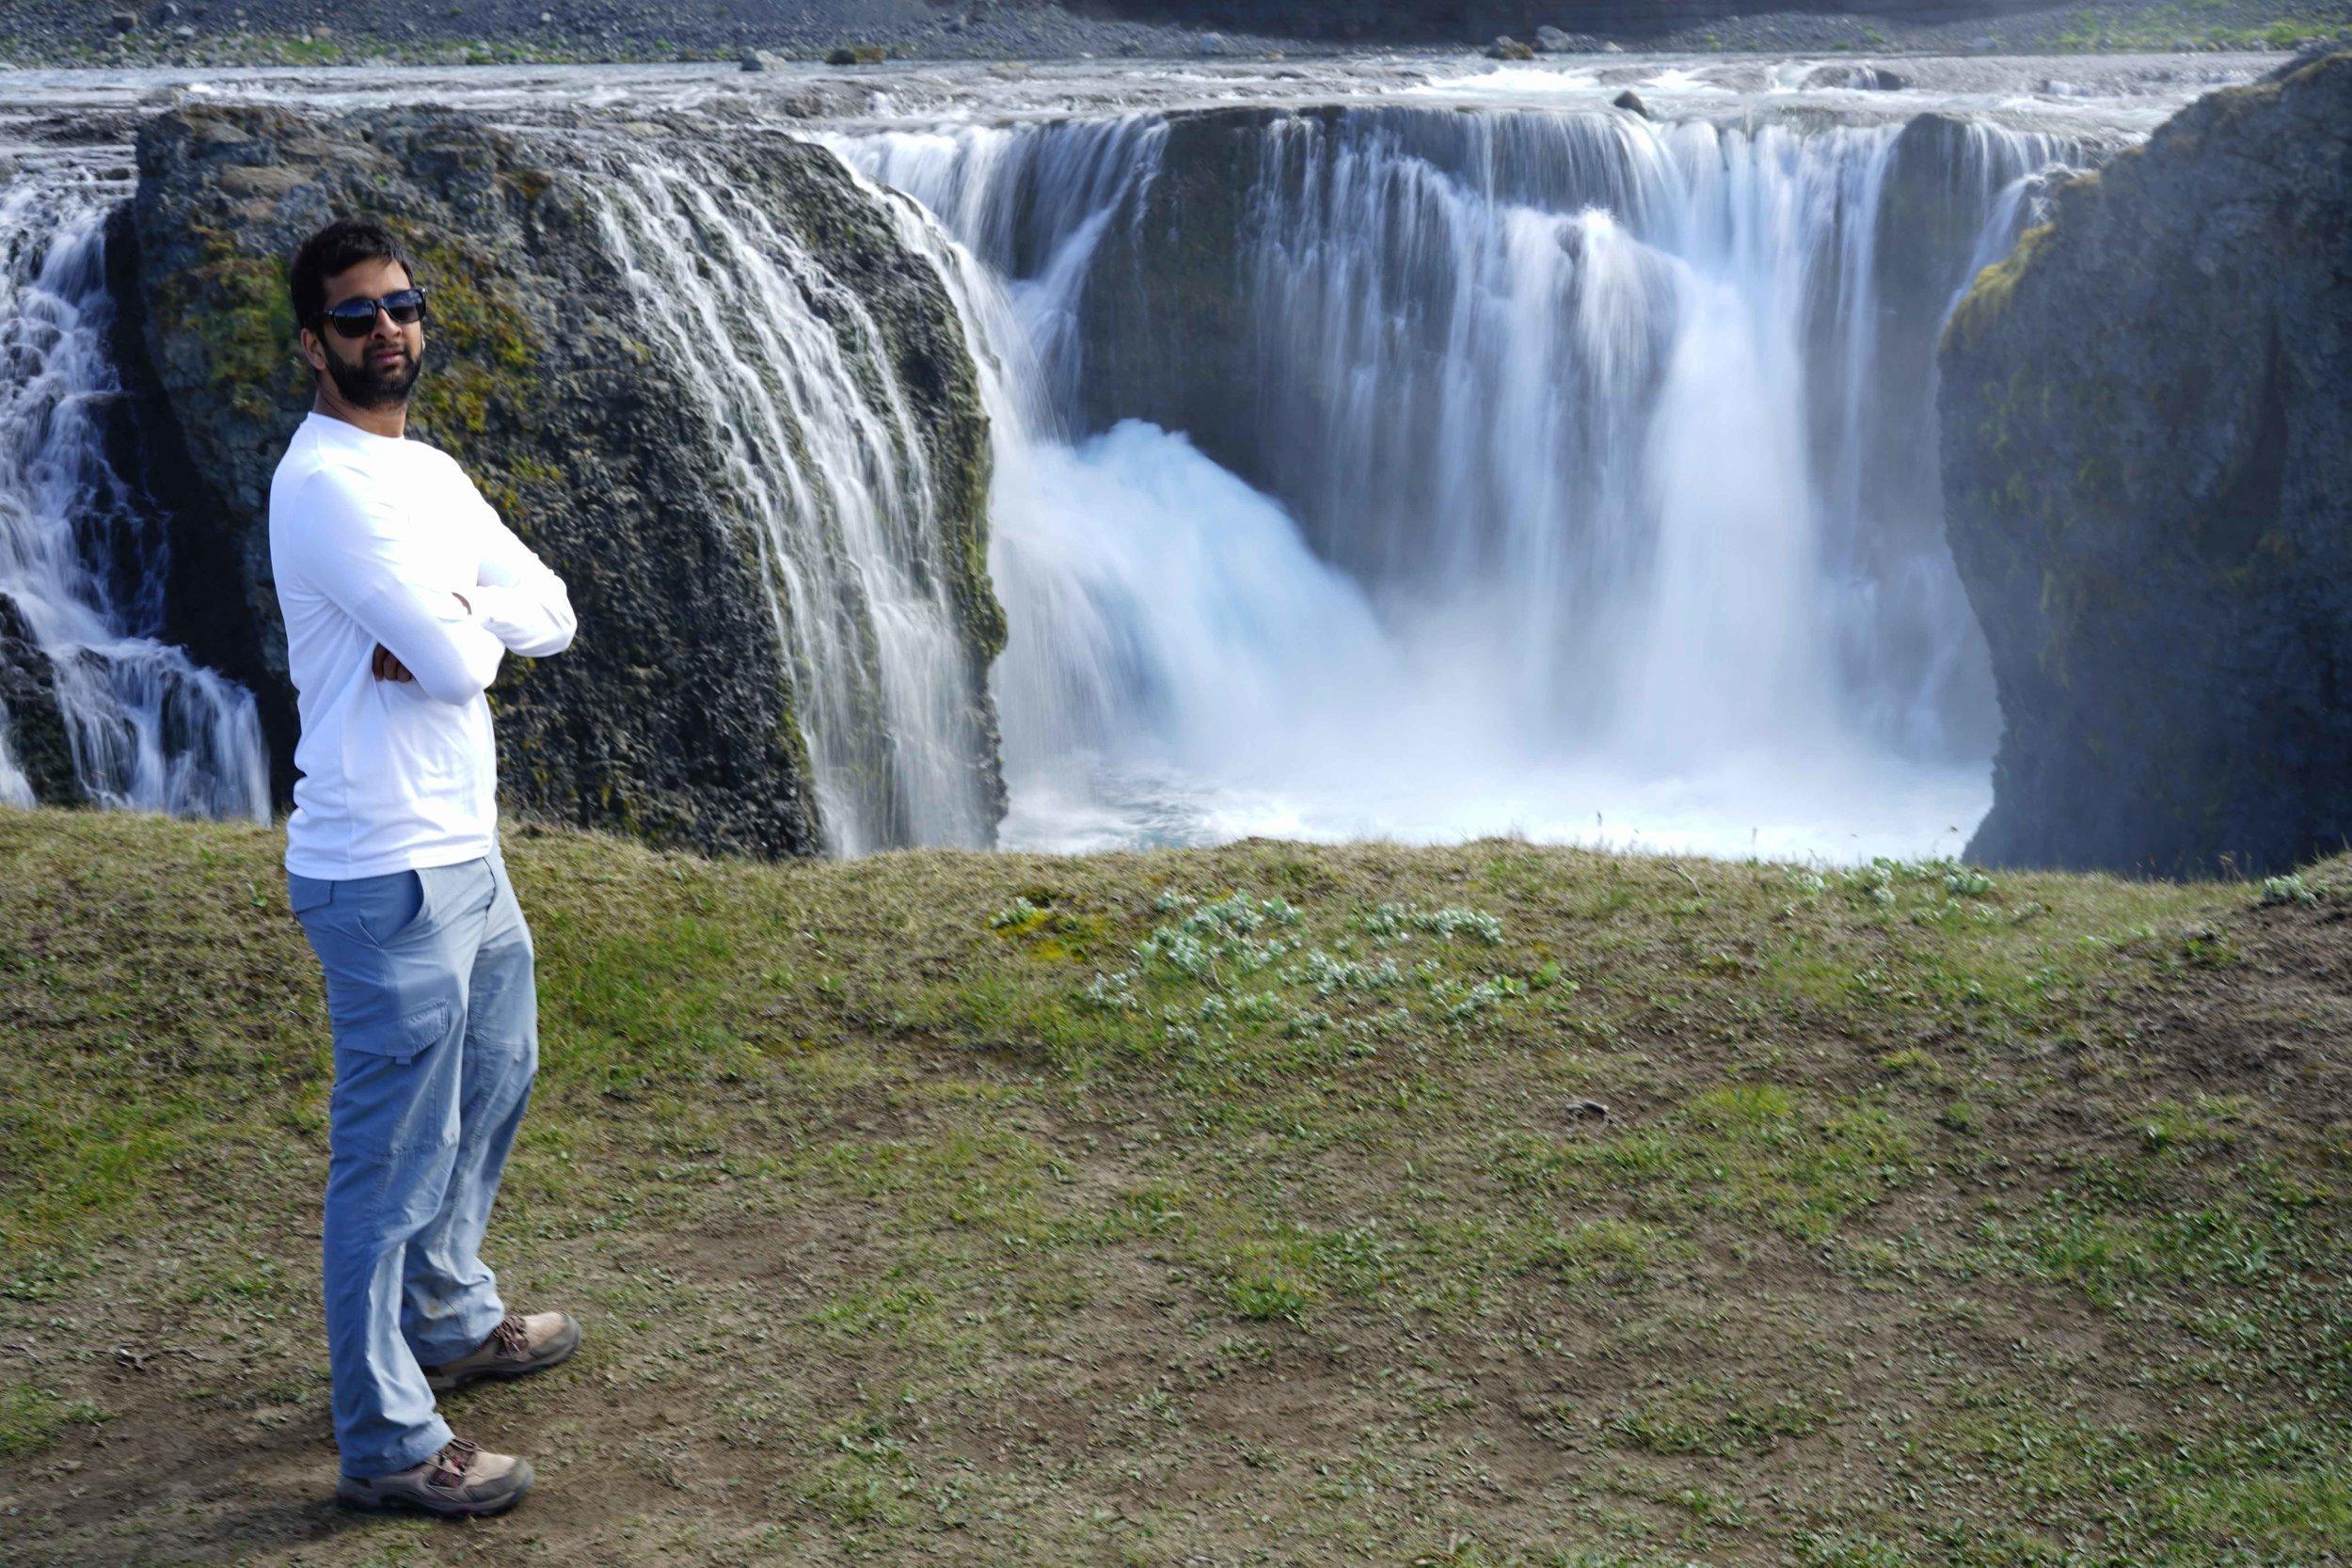 sigoldüfoss waterfall Iceland travel guide charisma shah